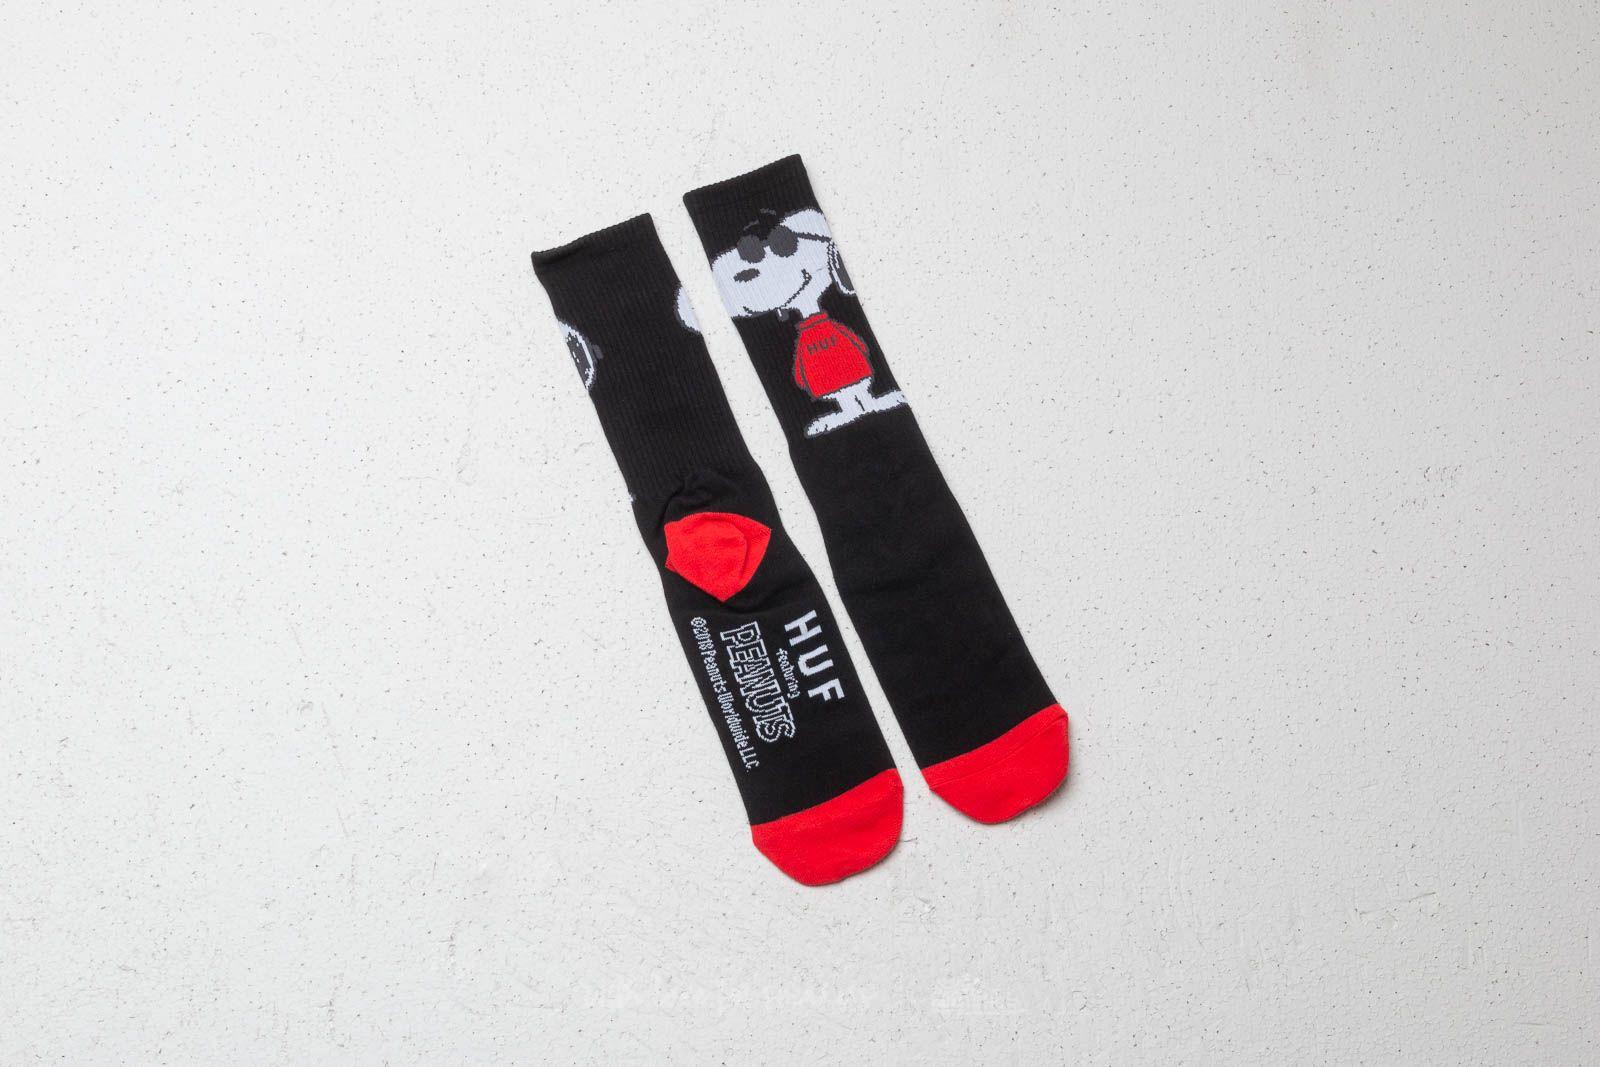 HUF x Peanuts Joe Cool Crew Socks Black za skvělou cenu 300 Kč koupíte na Footshop.cz